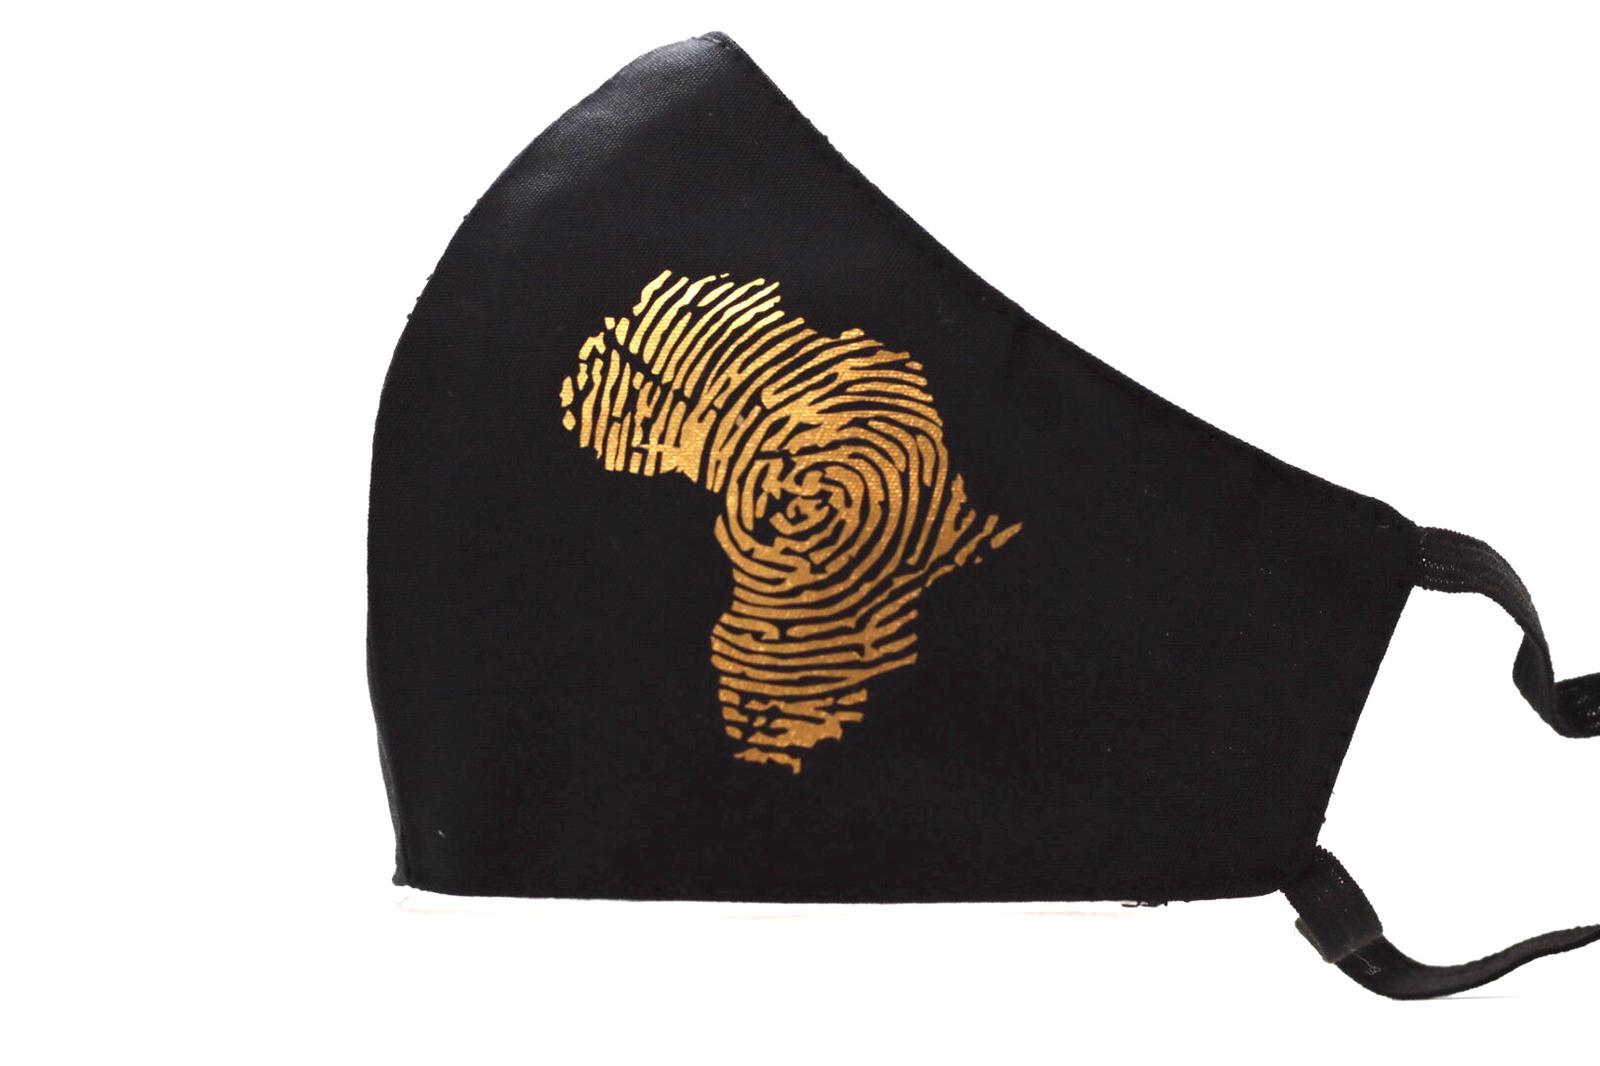 Gold Heat printed Africa Mask Kind Shop 3